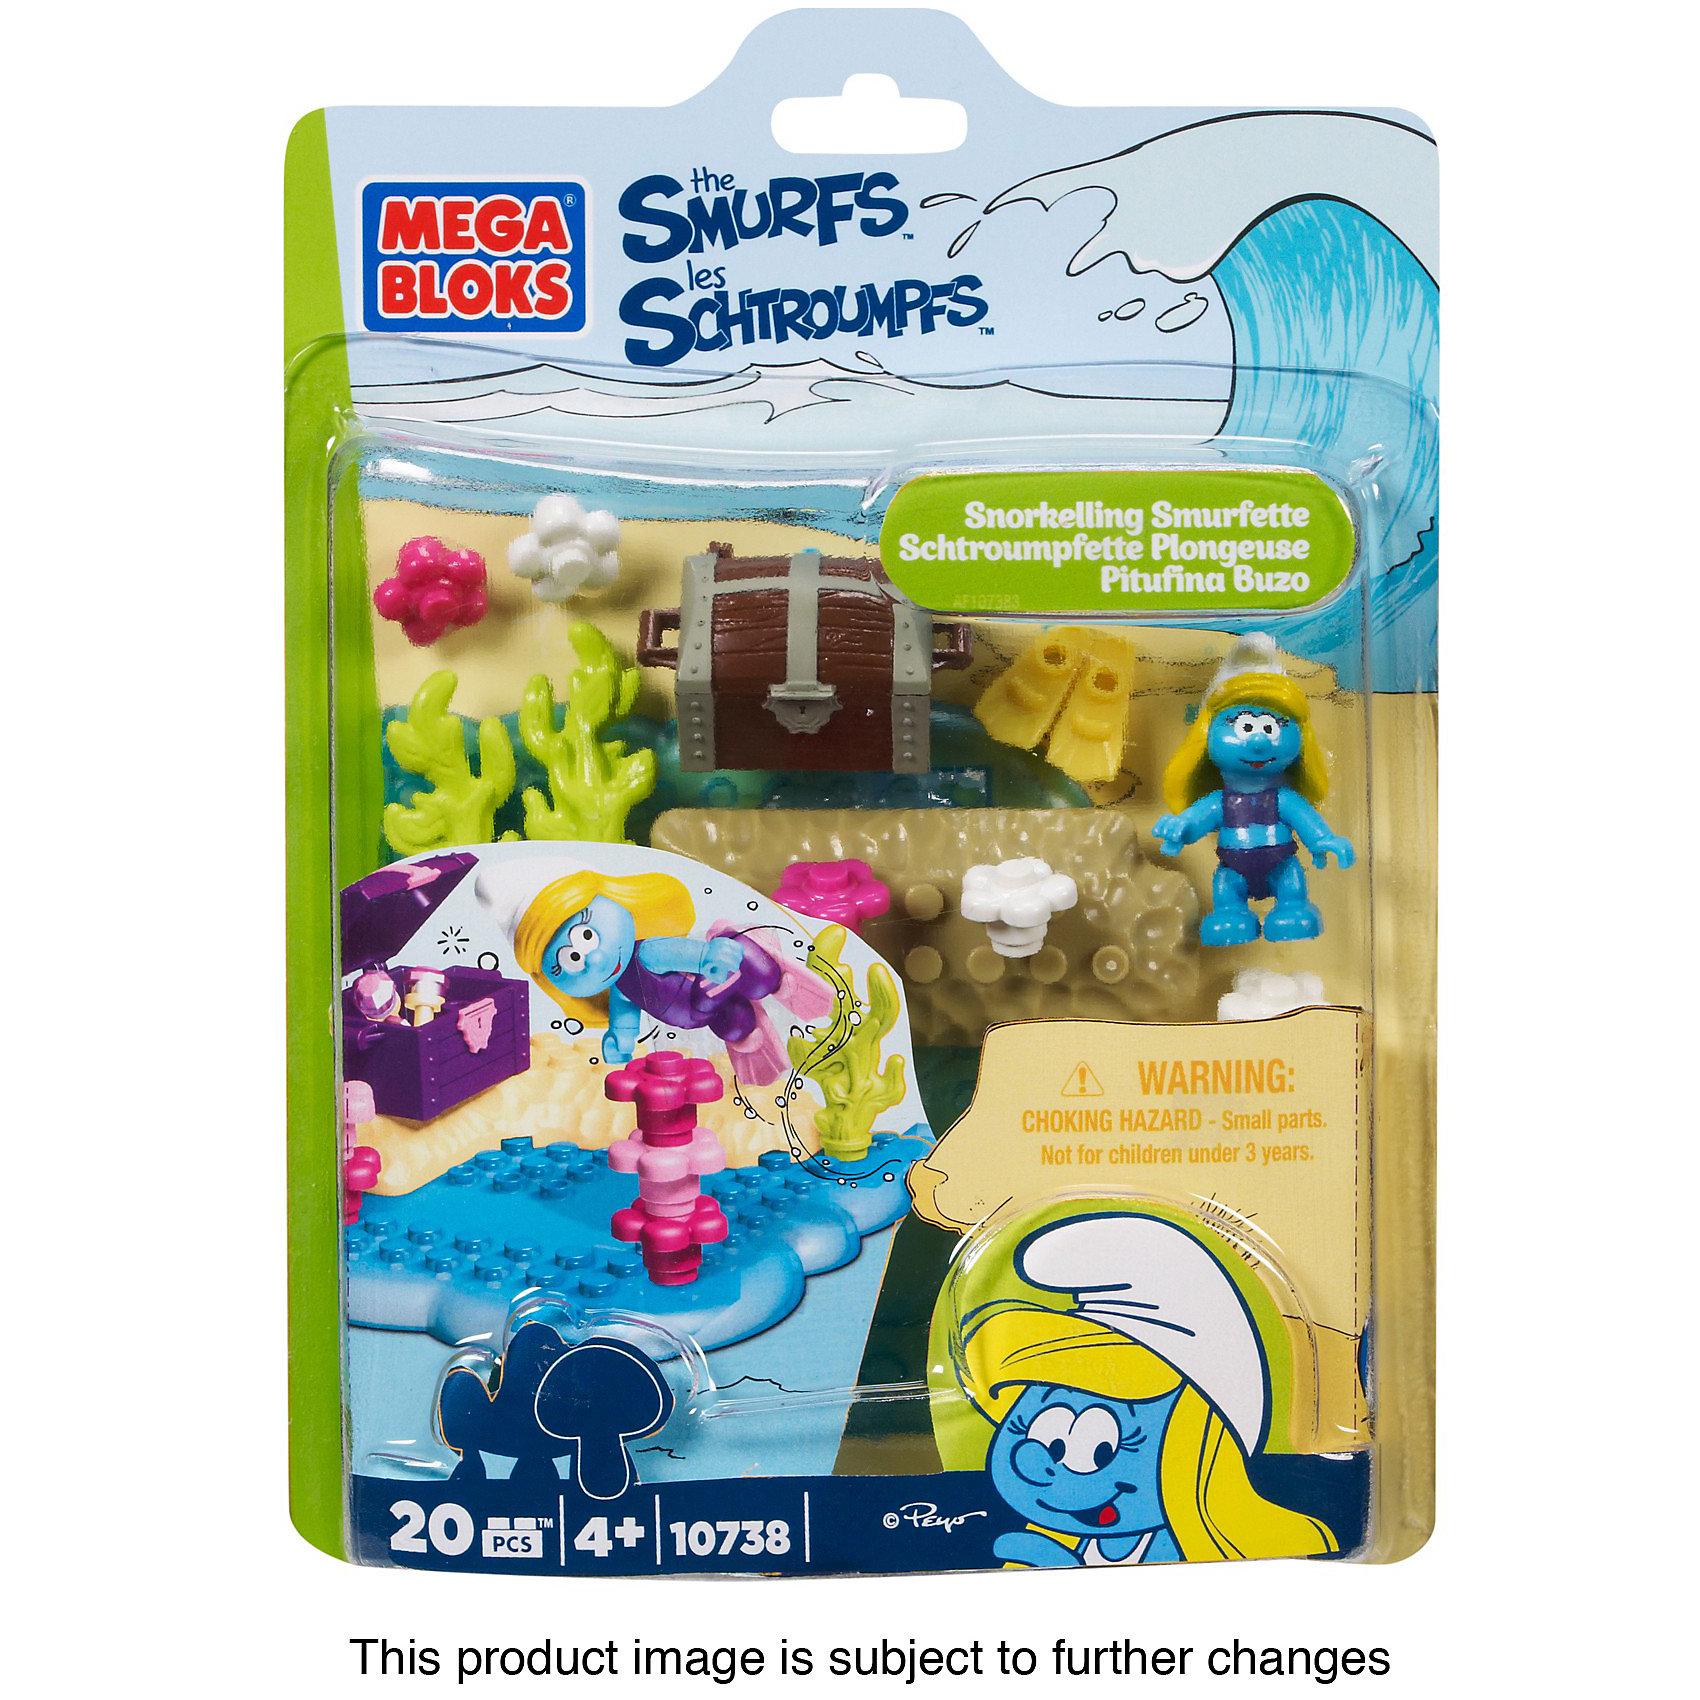 Конструктор Смурфетта-водолаз Смурфики, MEGA BLOKS, 20 дет.Смурфики - весёлые гномики, которые живут в волшебной деревне и занимаются разными делами. Так например, одна Смурфетта очень любит плавать, нырять и познавать подводный мир! <br><br>На дне реки много всего интересного, и, конечно же, там можно найти сокровища! Помогите Смурфетте исследовать подводный мир и, возможно, вы наткнётесь на старинный ящик с драгоценностями, который так хочет найти наша героиня!<br><br>Конструктор основан на популярном фильме Смурфики-2.<br><br>Конструктор Смурфетта-водолаз от MEGA BLOKS (МЕГА БЛОКС) можно купить внашем интернет-магазине.<br><br>Дополнительная информация:<br>Количество деталей: 20 шт.<br><br>Ширина мм: 152<br>Глубина мм: 203<br>Высота мм: 38<br>Вес г: 140<br>Возраст от месяцев: 48<br>Возраст до месяцев: 96<br>Пол: Унисекс<br>Возраст: Детский<br>SKU: 3219494